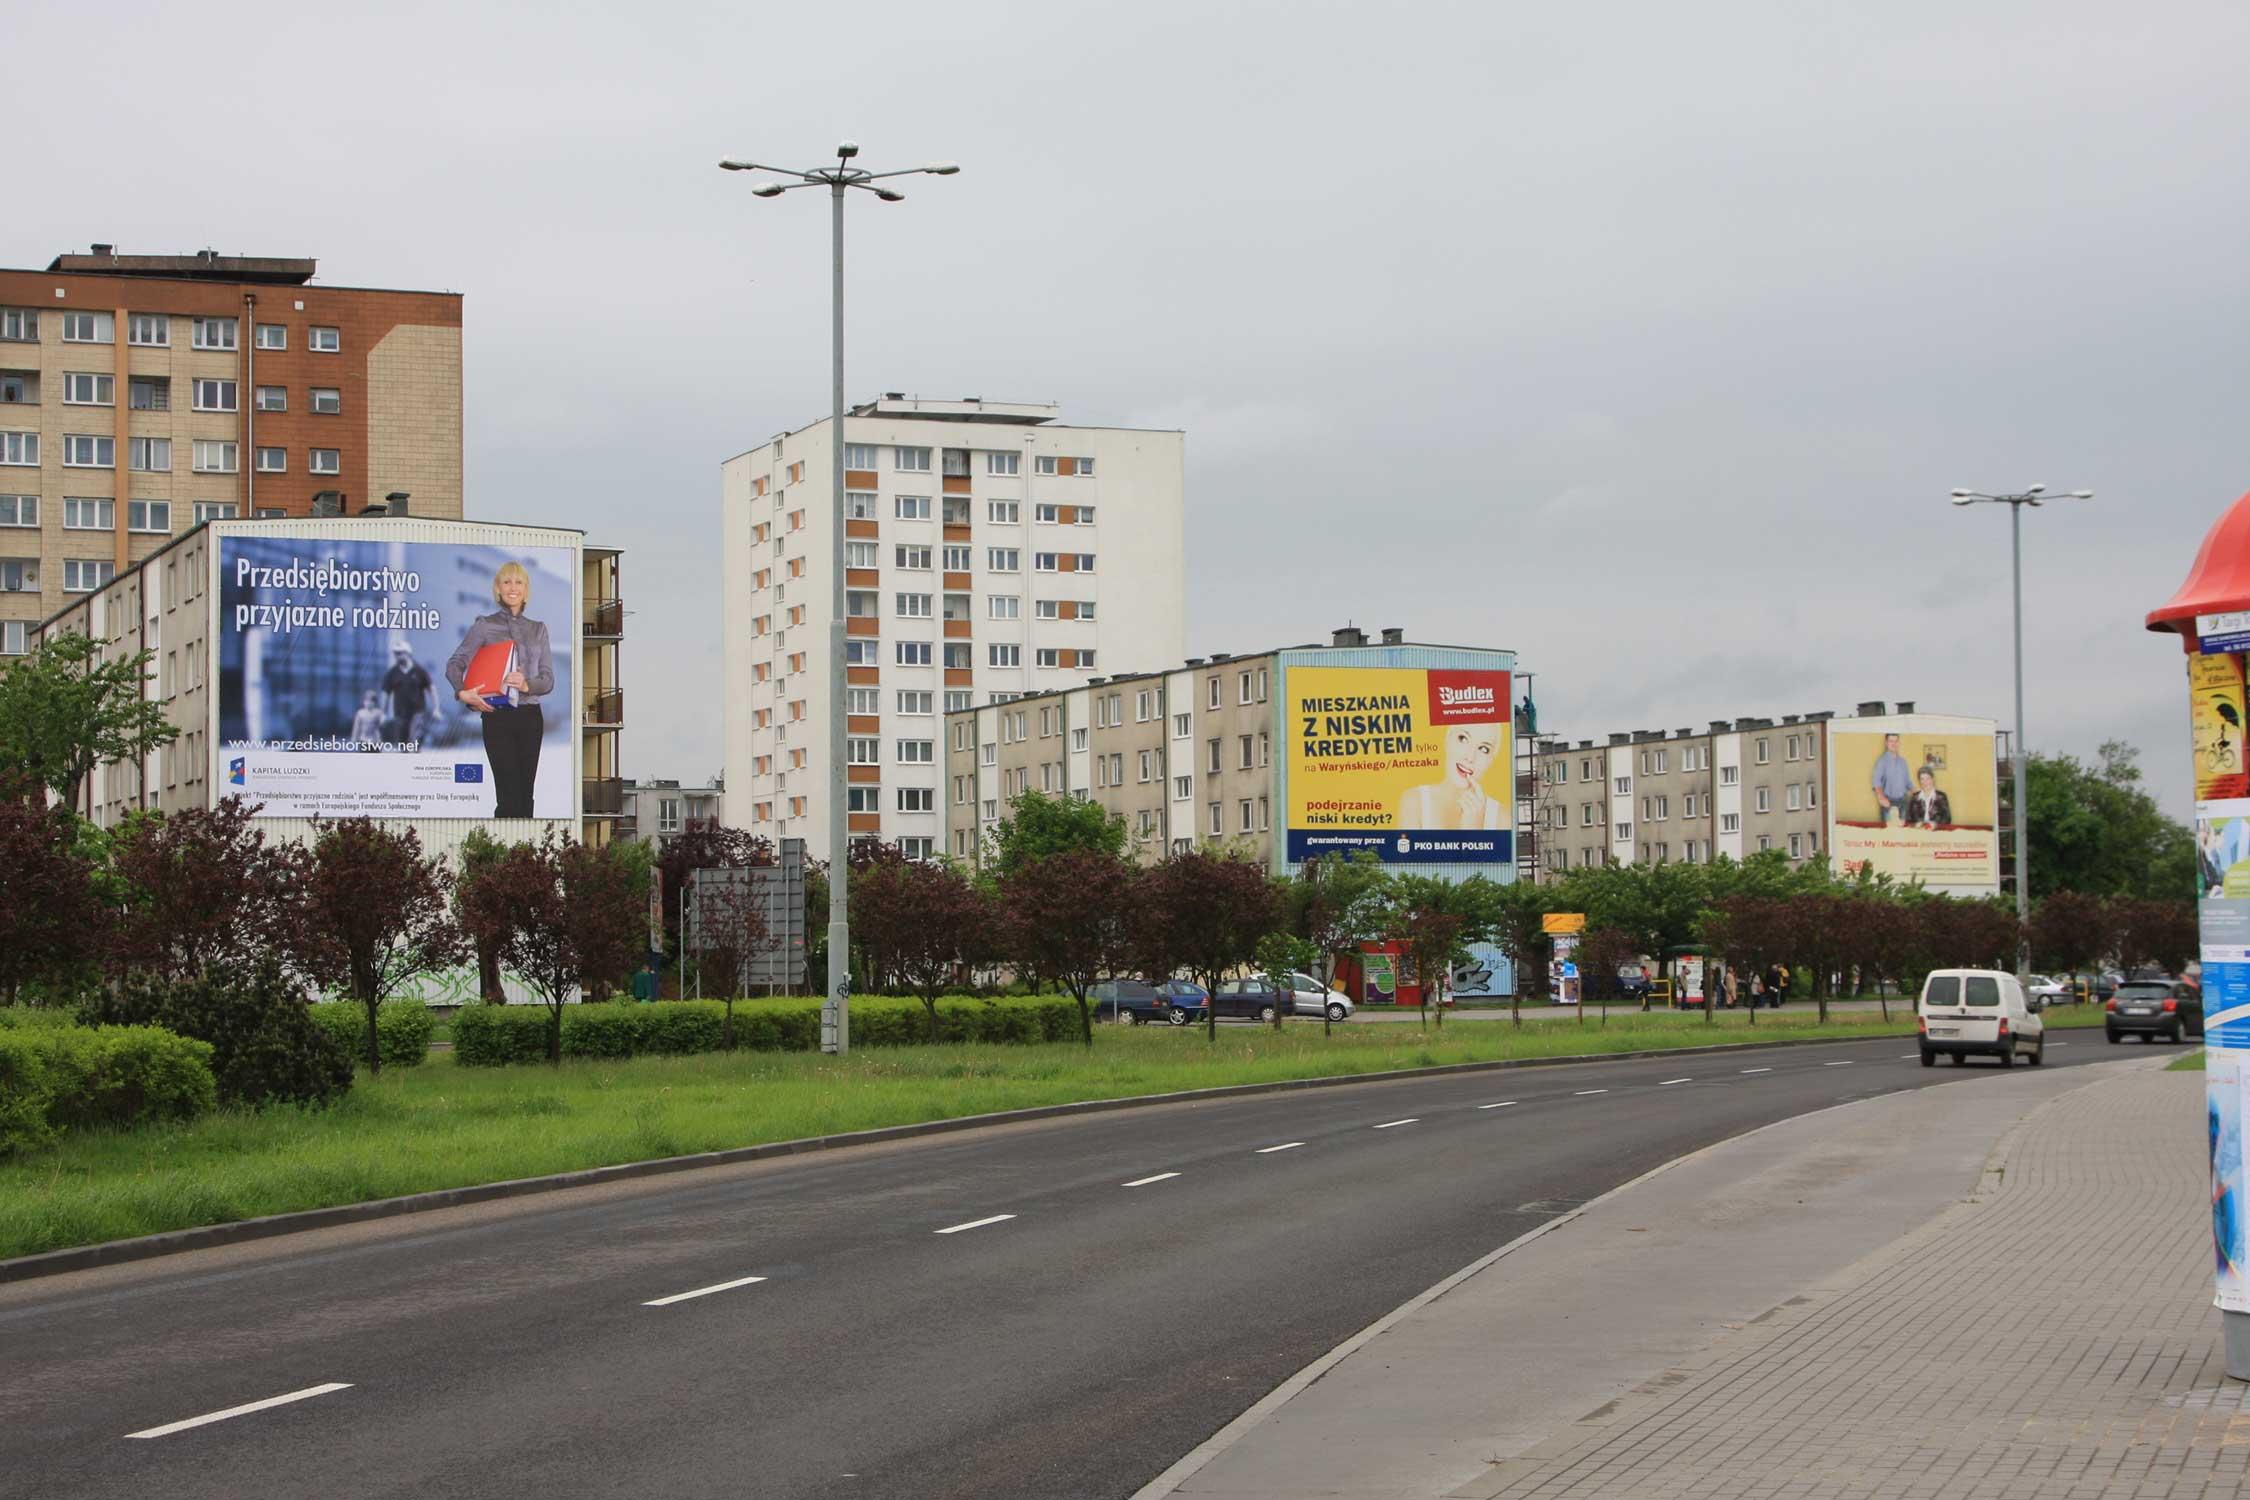 kaszownik37_12